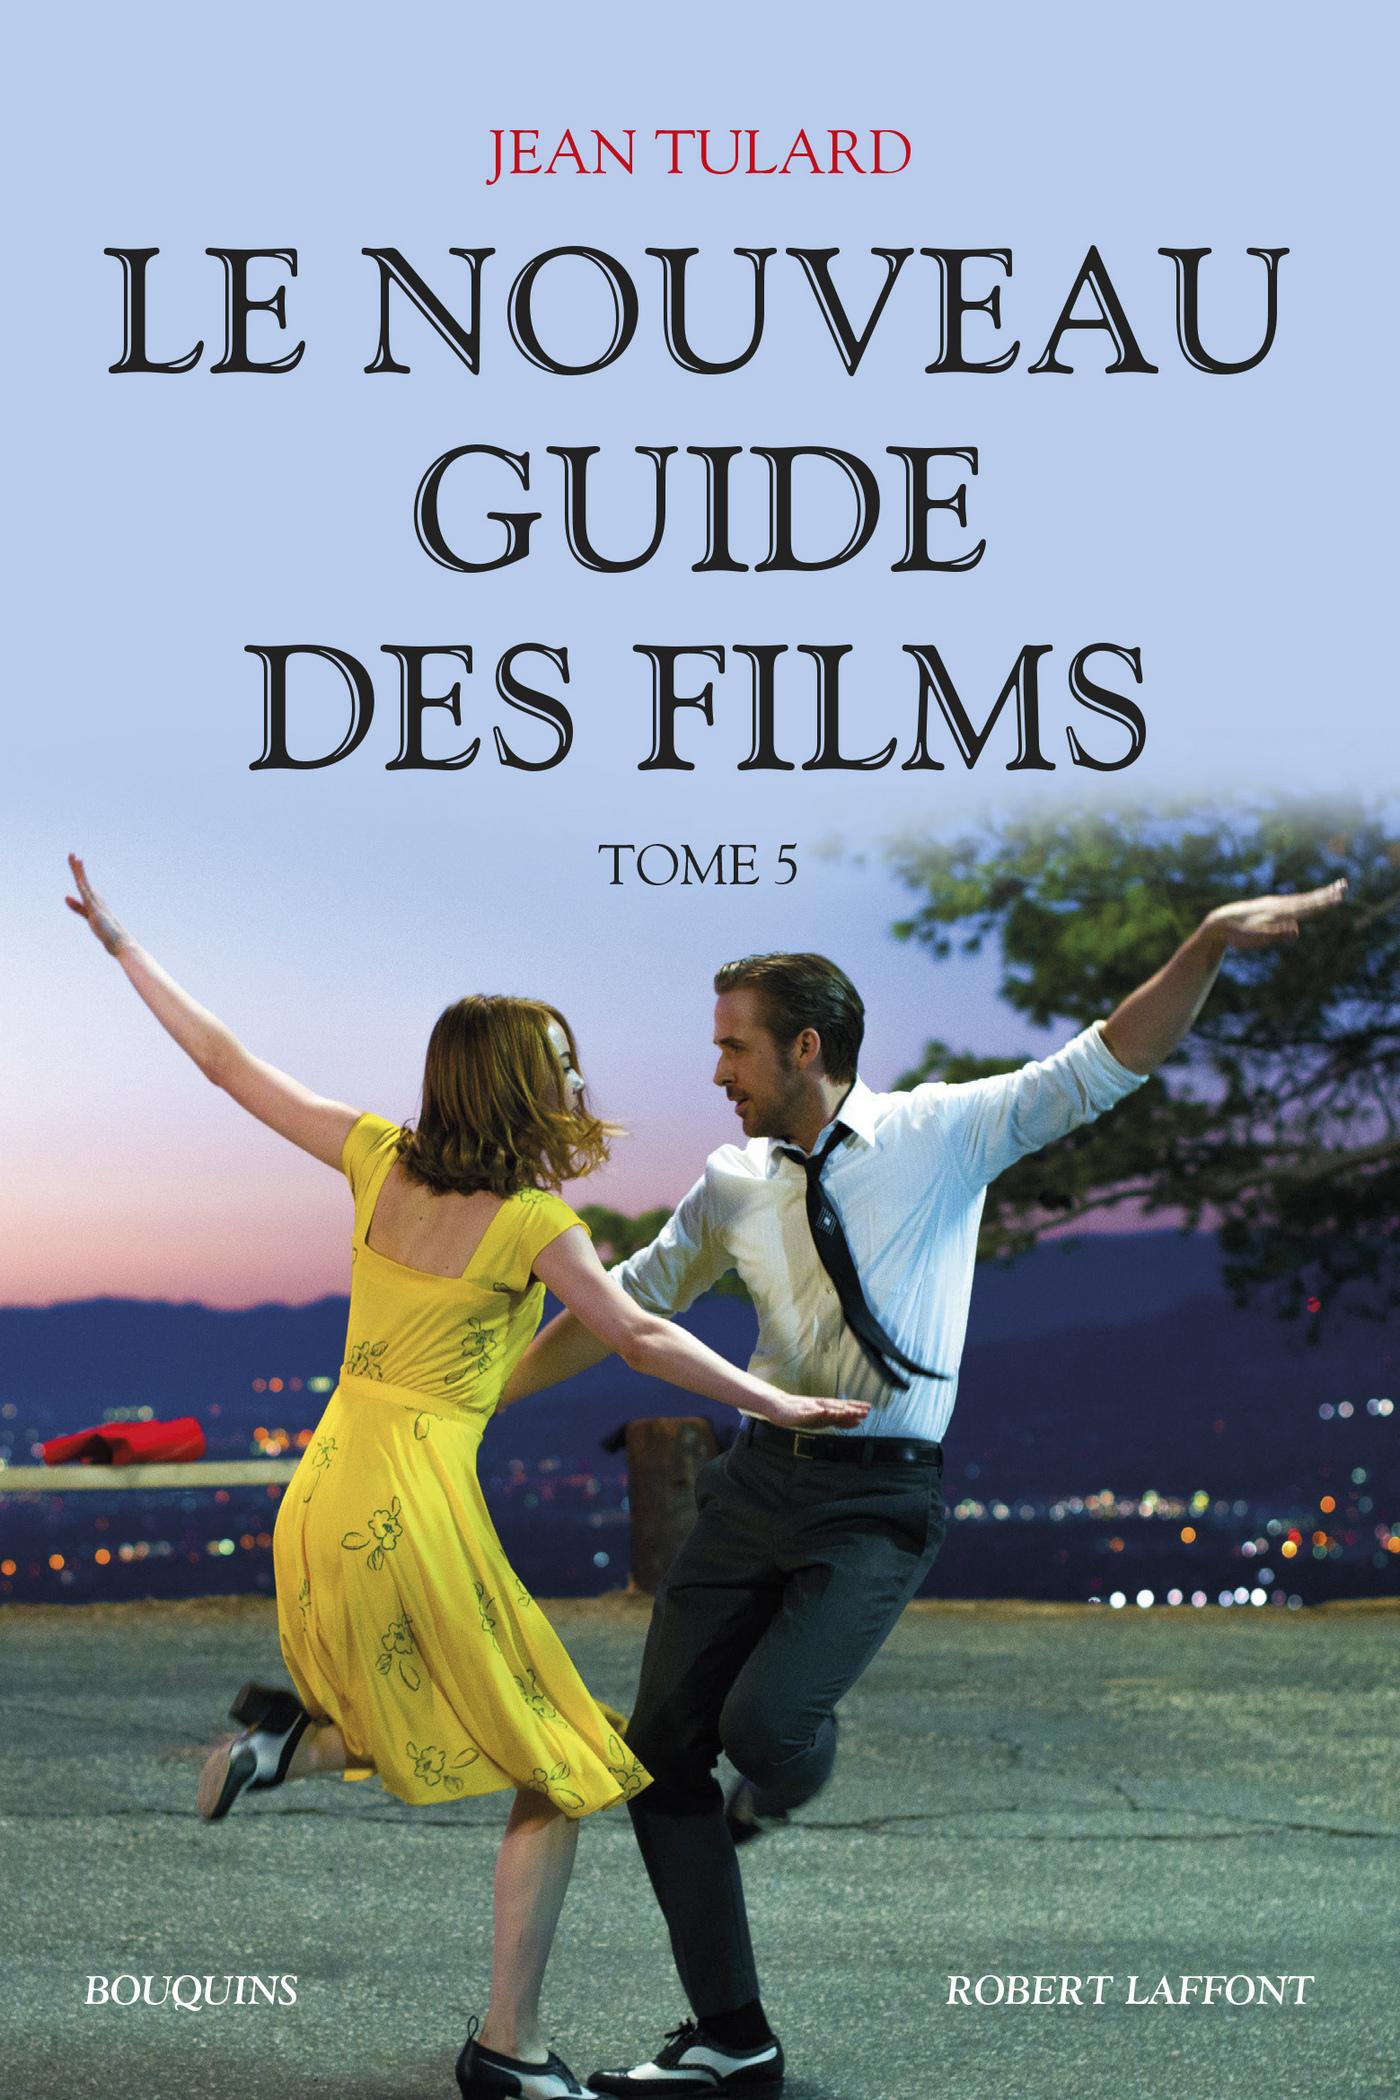 Le Nouveau guide des films - Tome 5